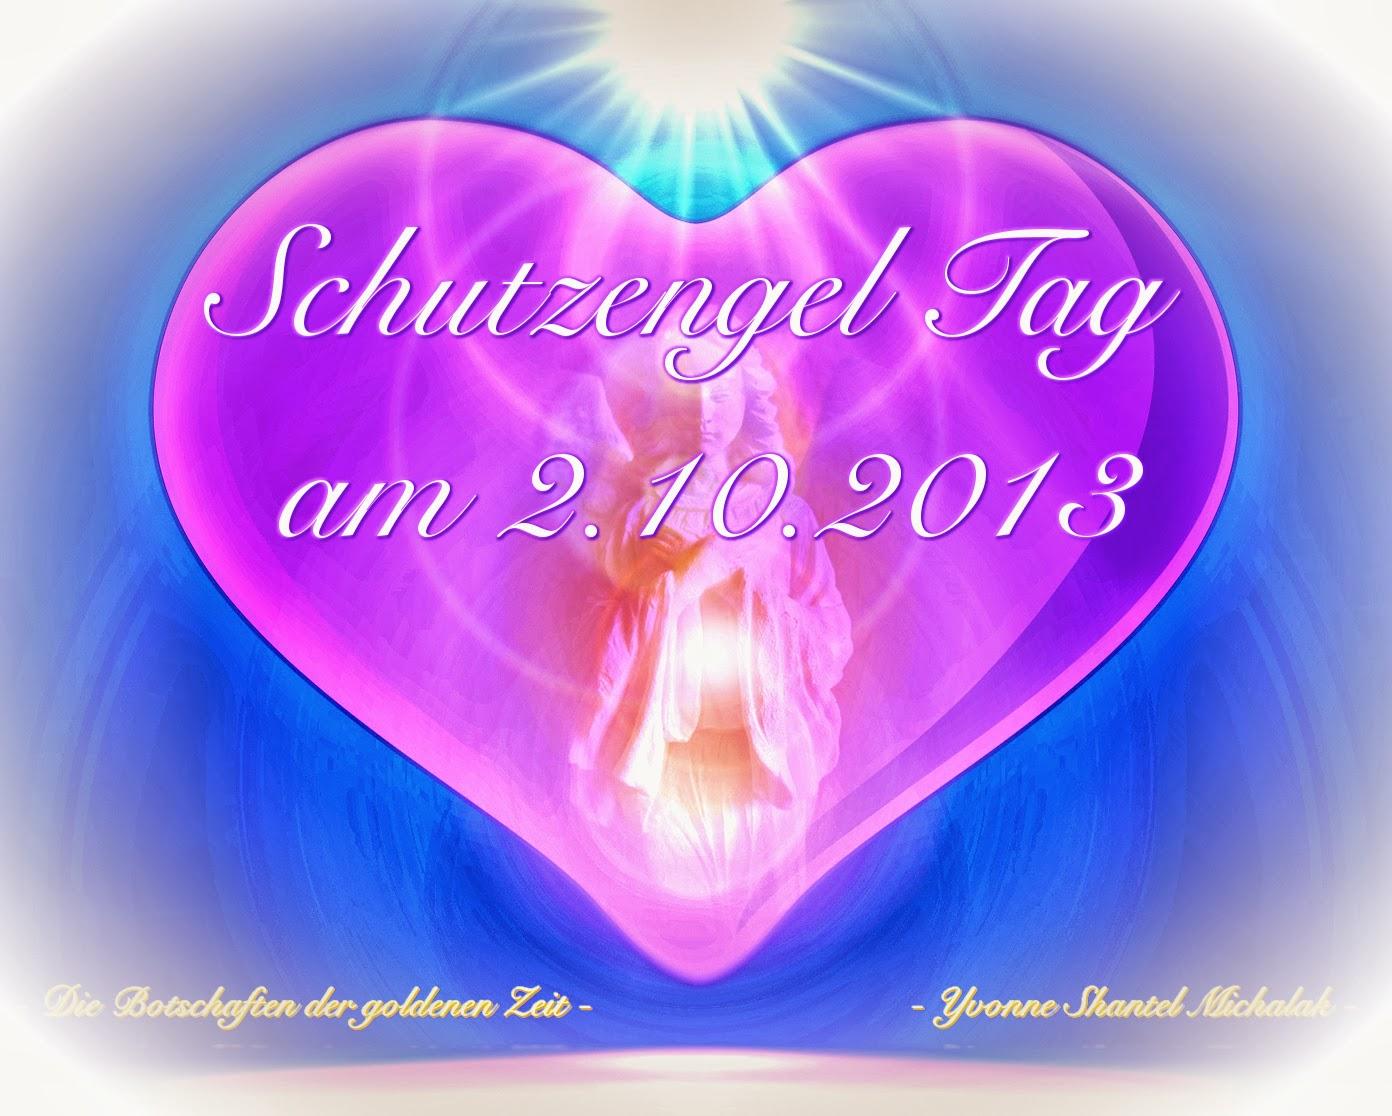 """Innenarchitektur Schutzengel Sprüche Sammlung Von """"schutzengel Tag"""" Ist Am 2.10.2013 * Lichterkreis*"""